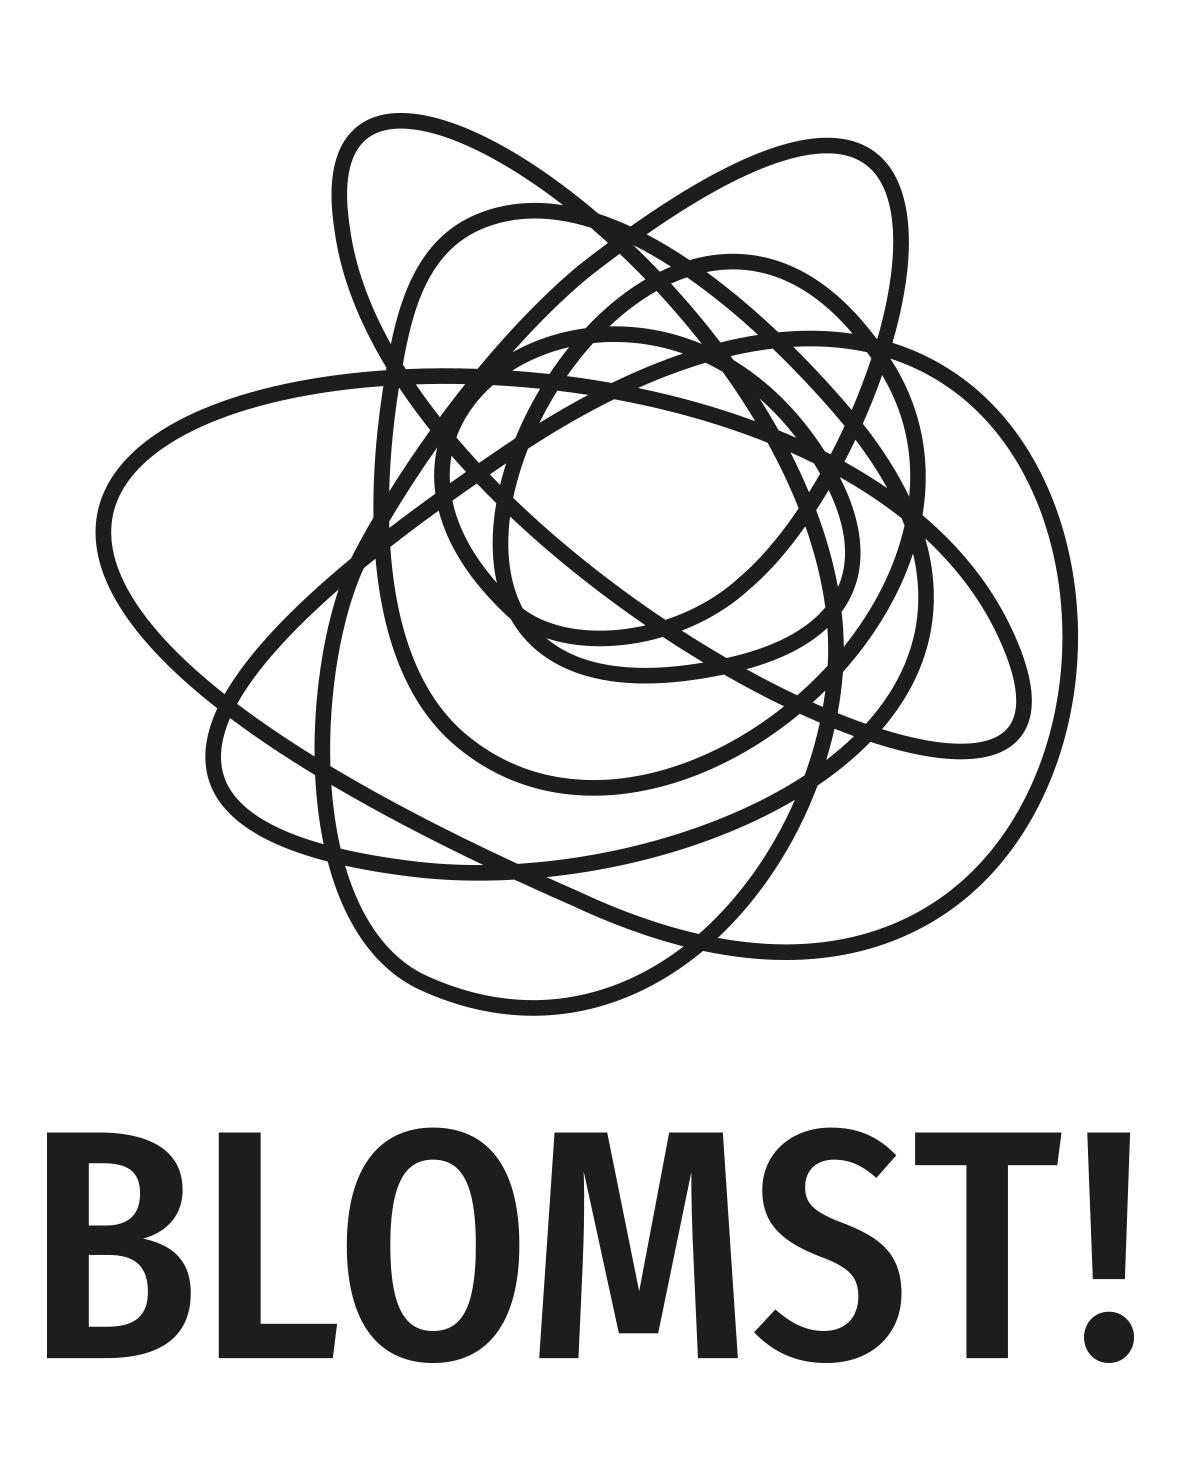 BLOMST_Logo_black_web.jpg